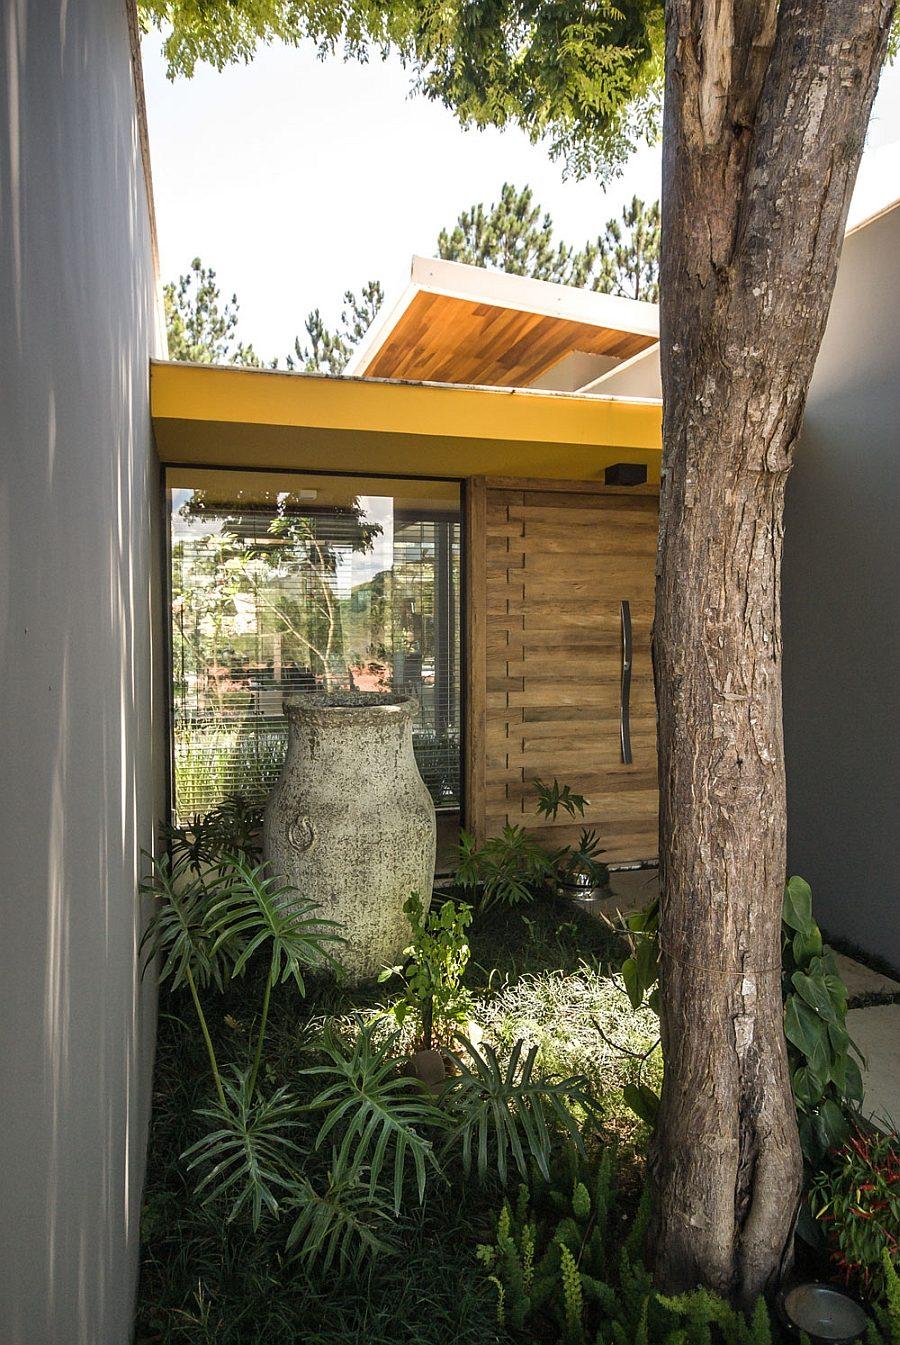 Thiết kế nhà ở hiện đại nhưng 4